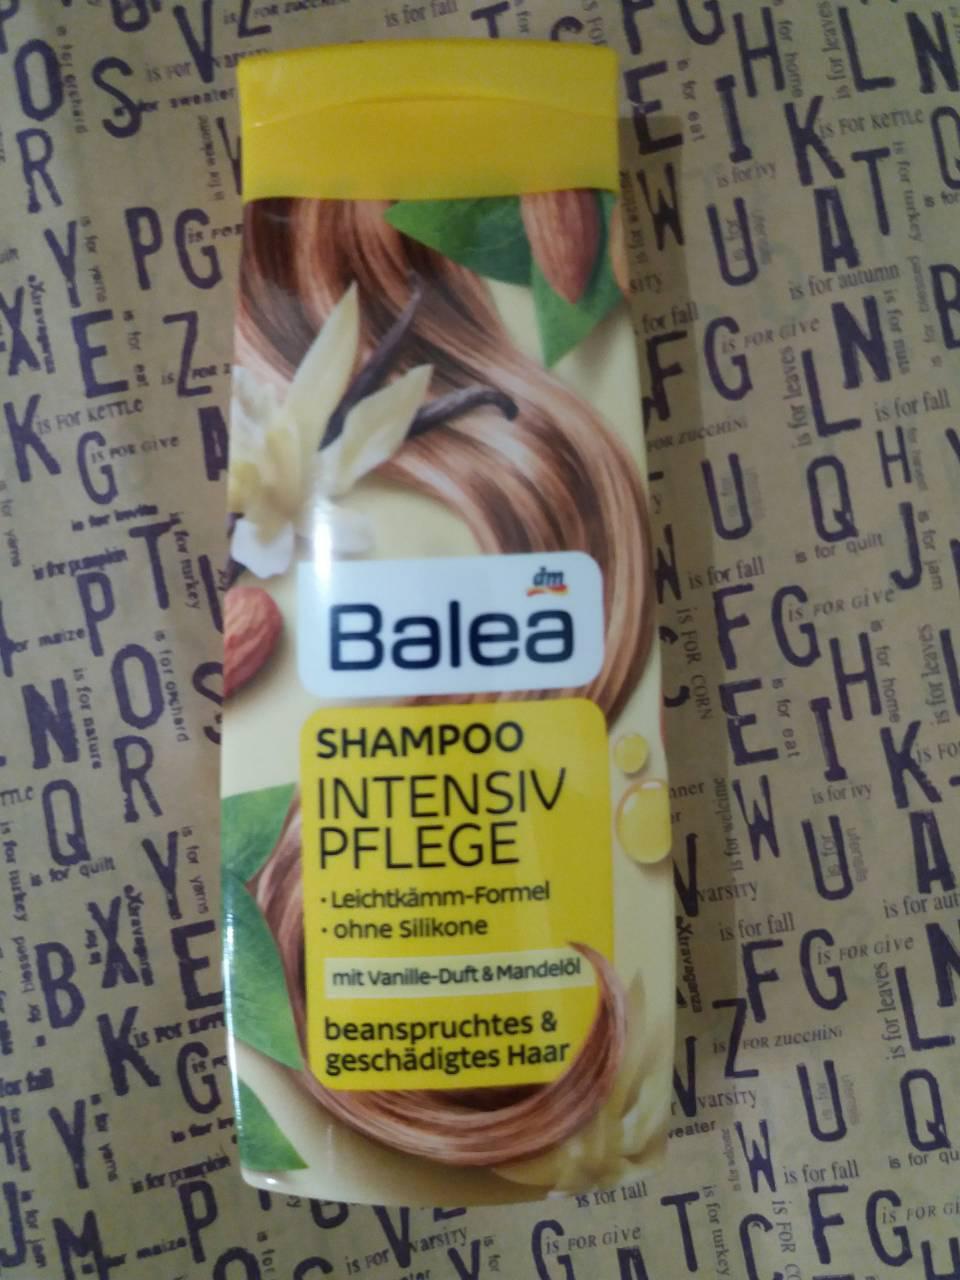 Balea Intensiv Pflege – шампунь для поврежденных волос, 300 мл.